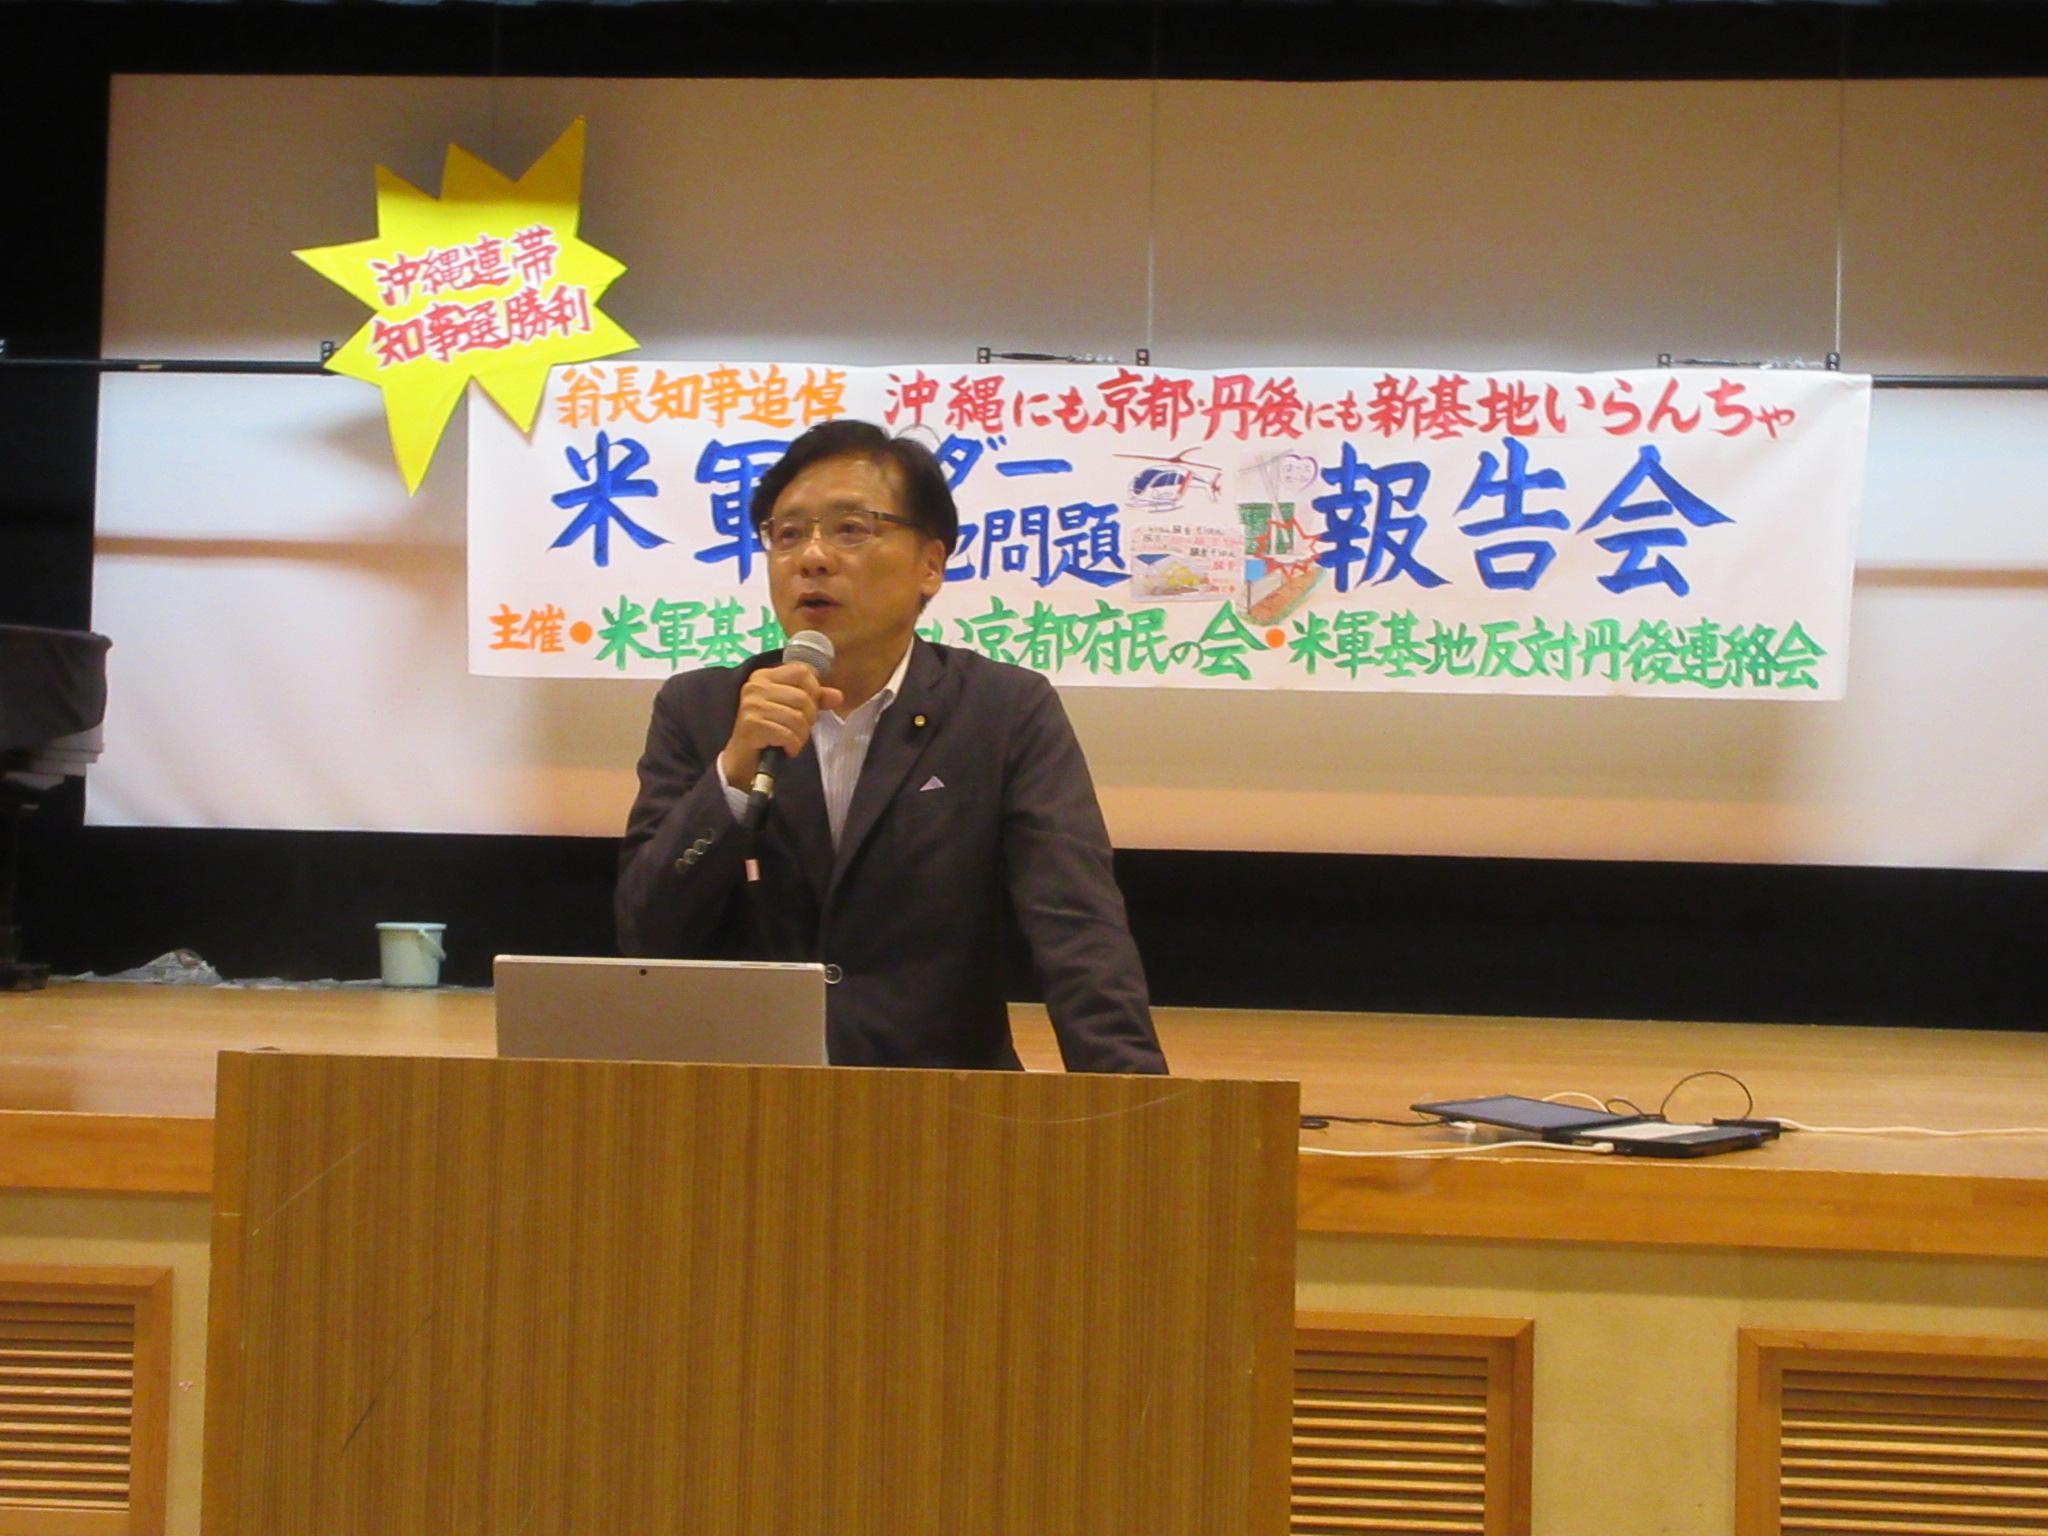 http://www.inoue-satoshi.com/diary/IMG_5925.JPG